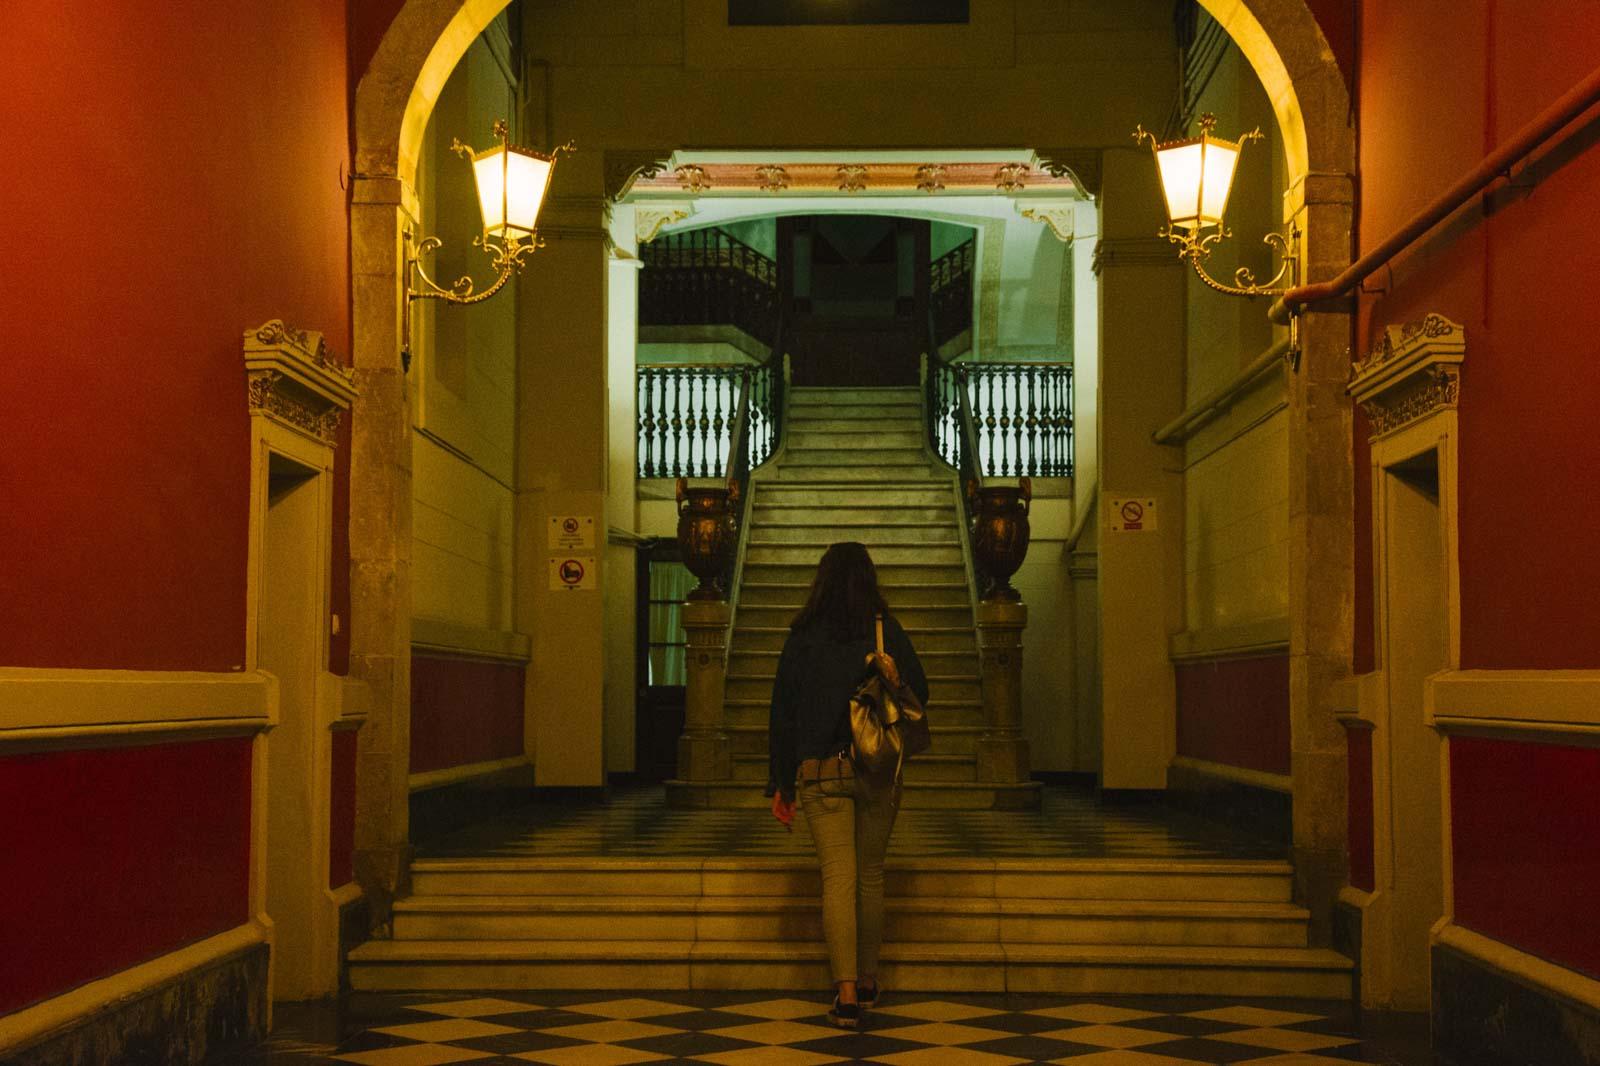 Dirección de fotografía - Fotografía documental contemporánea - Barcelona